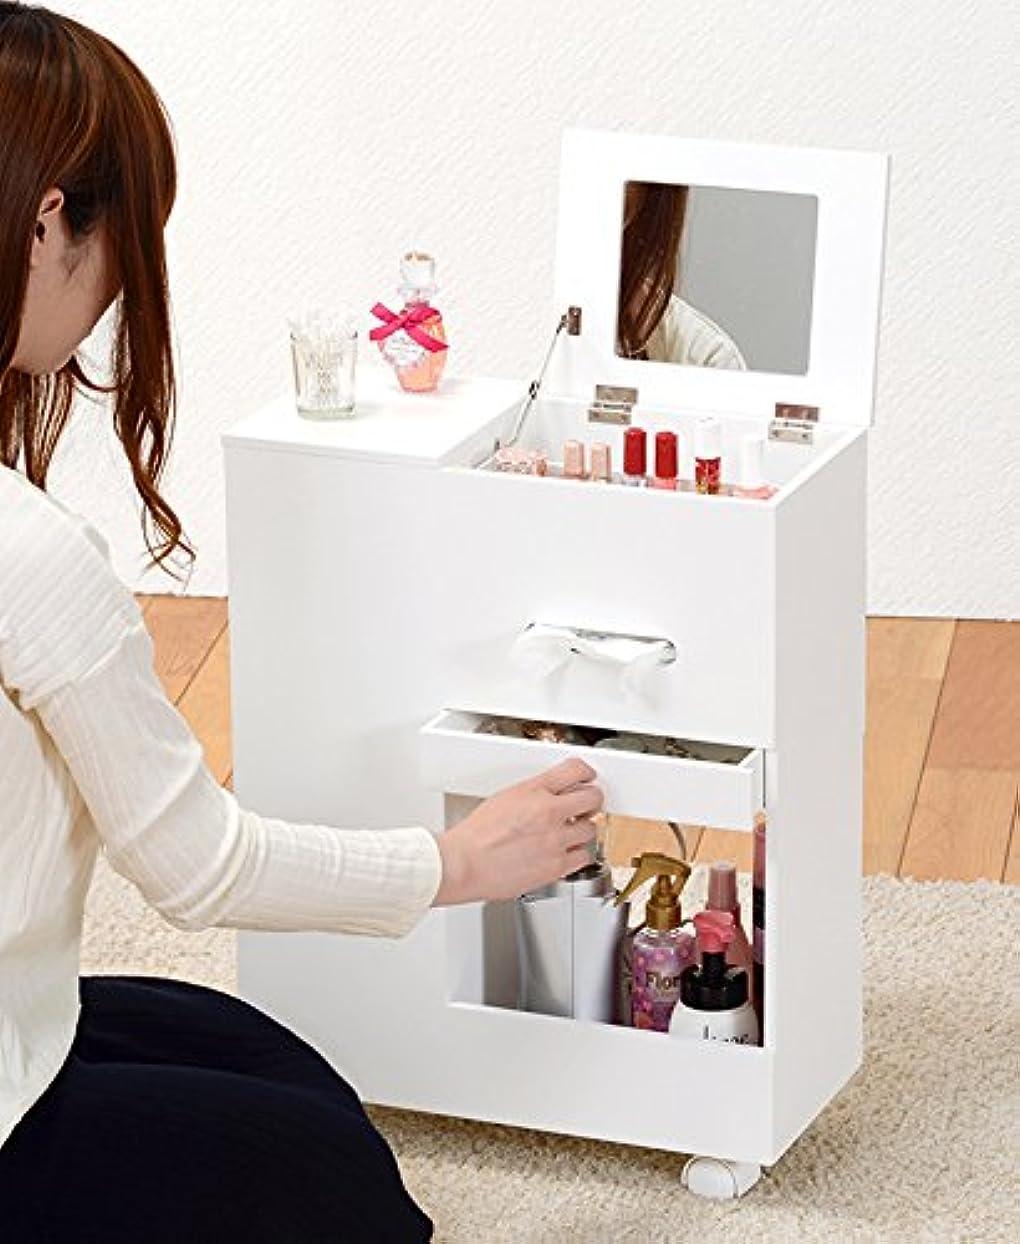 時々時々星詩人コスメワゴン 化粧ワゴン コスメ収納 収納ボックス 化粧台 1面鏡 完成品 キャスター付き 折りたたみ式 引き出し付き コンパクト 大容量 軽量 ホワイト